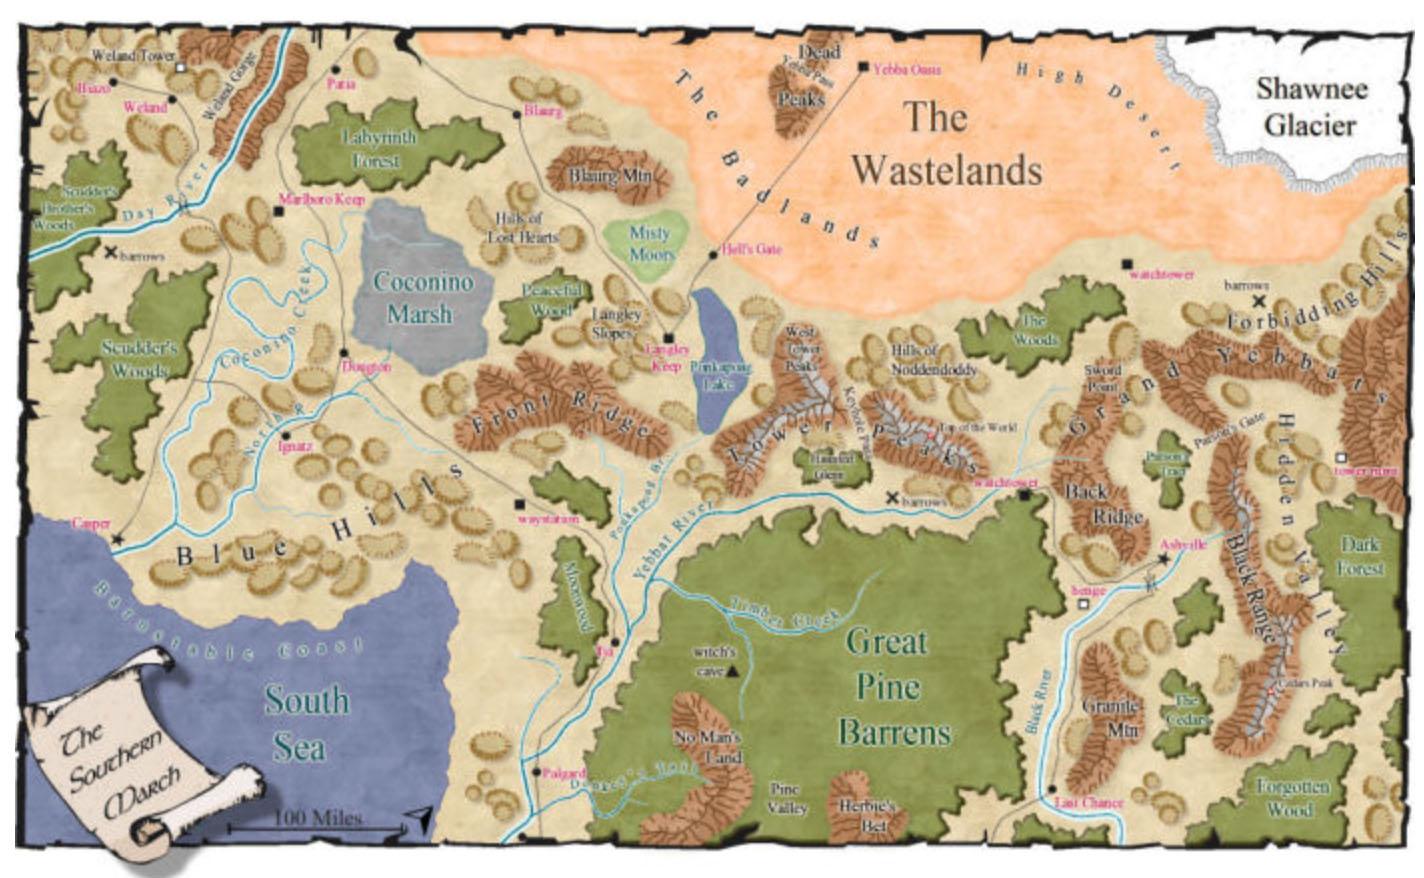 Fantasy Karte.Autoren Tipp Fiktive Landkarten Für Bücher Erstellen Die Self